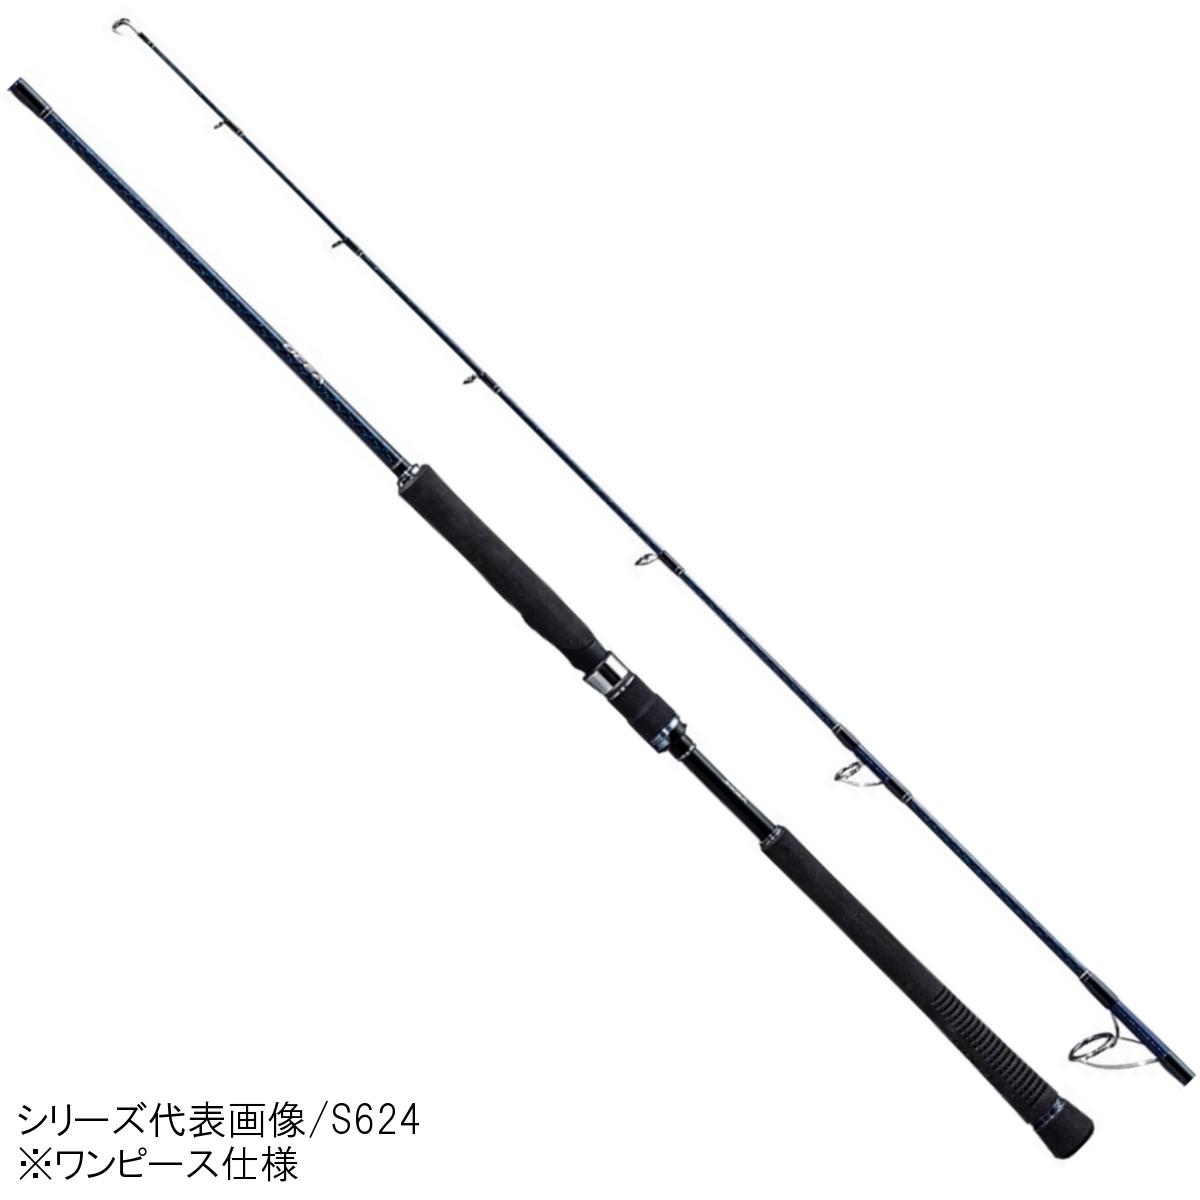 シマノ オシアジガー スピニング クイックジャーク(ショートレングスモデル) S510-5【大型商品】【送料無料】